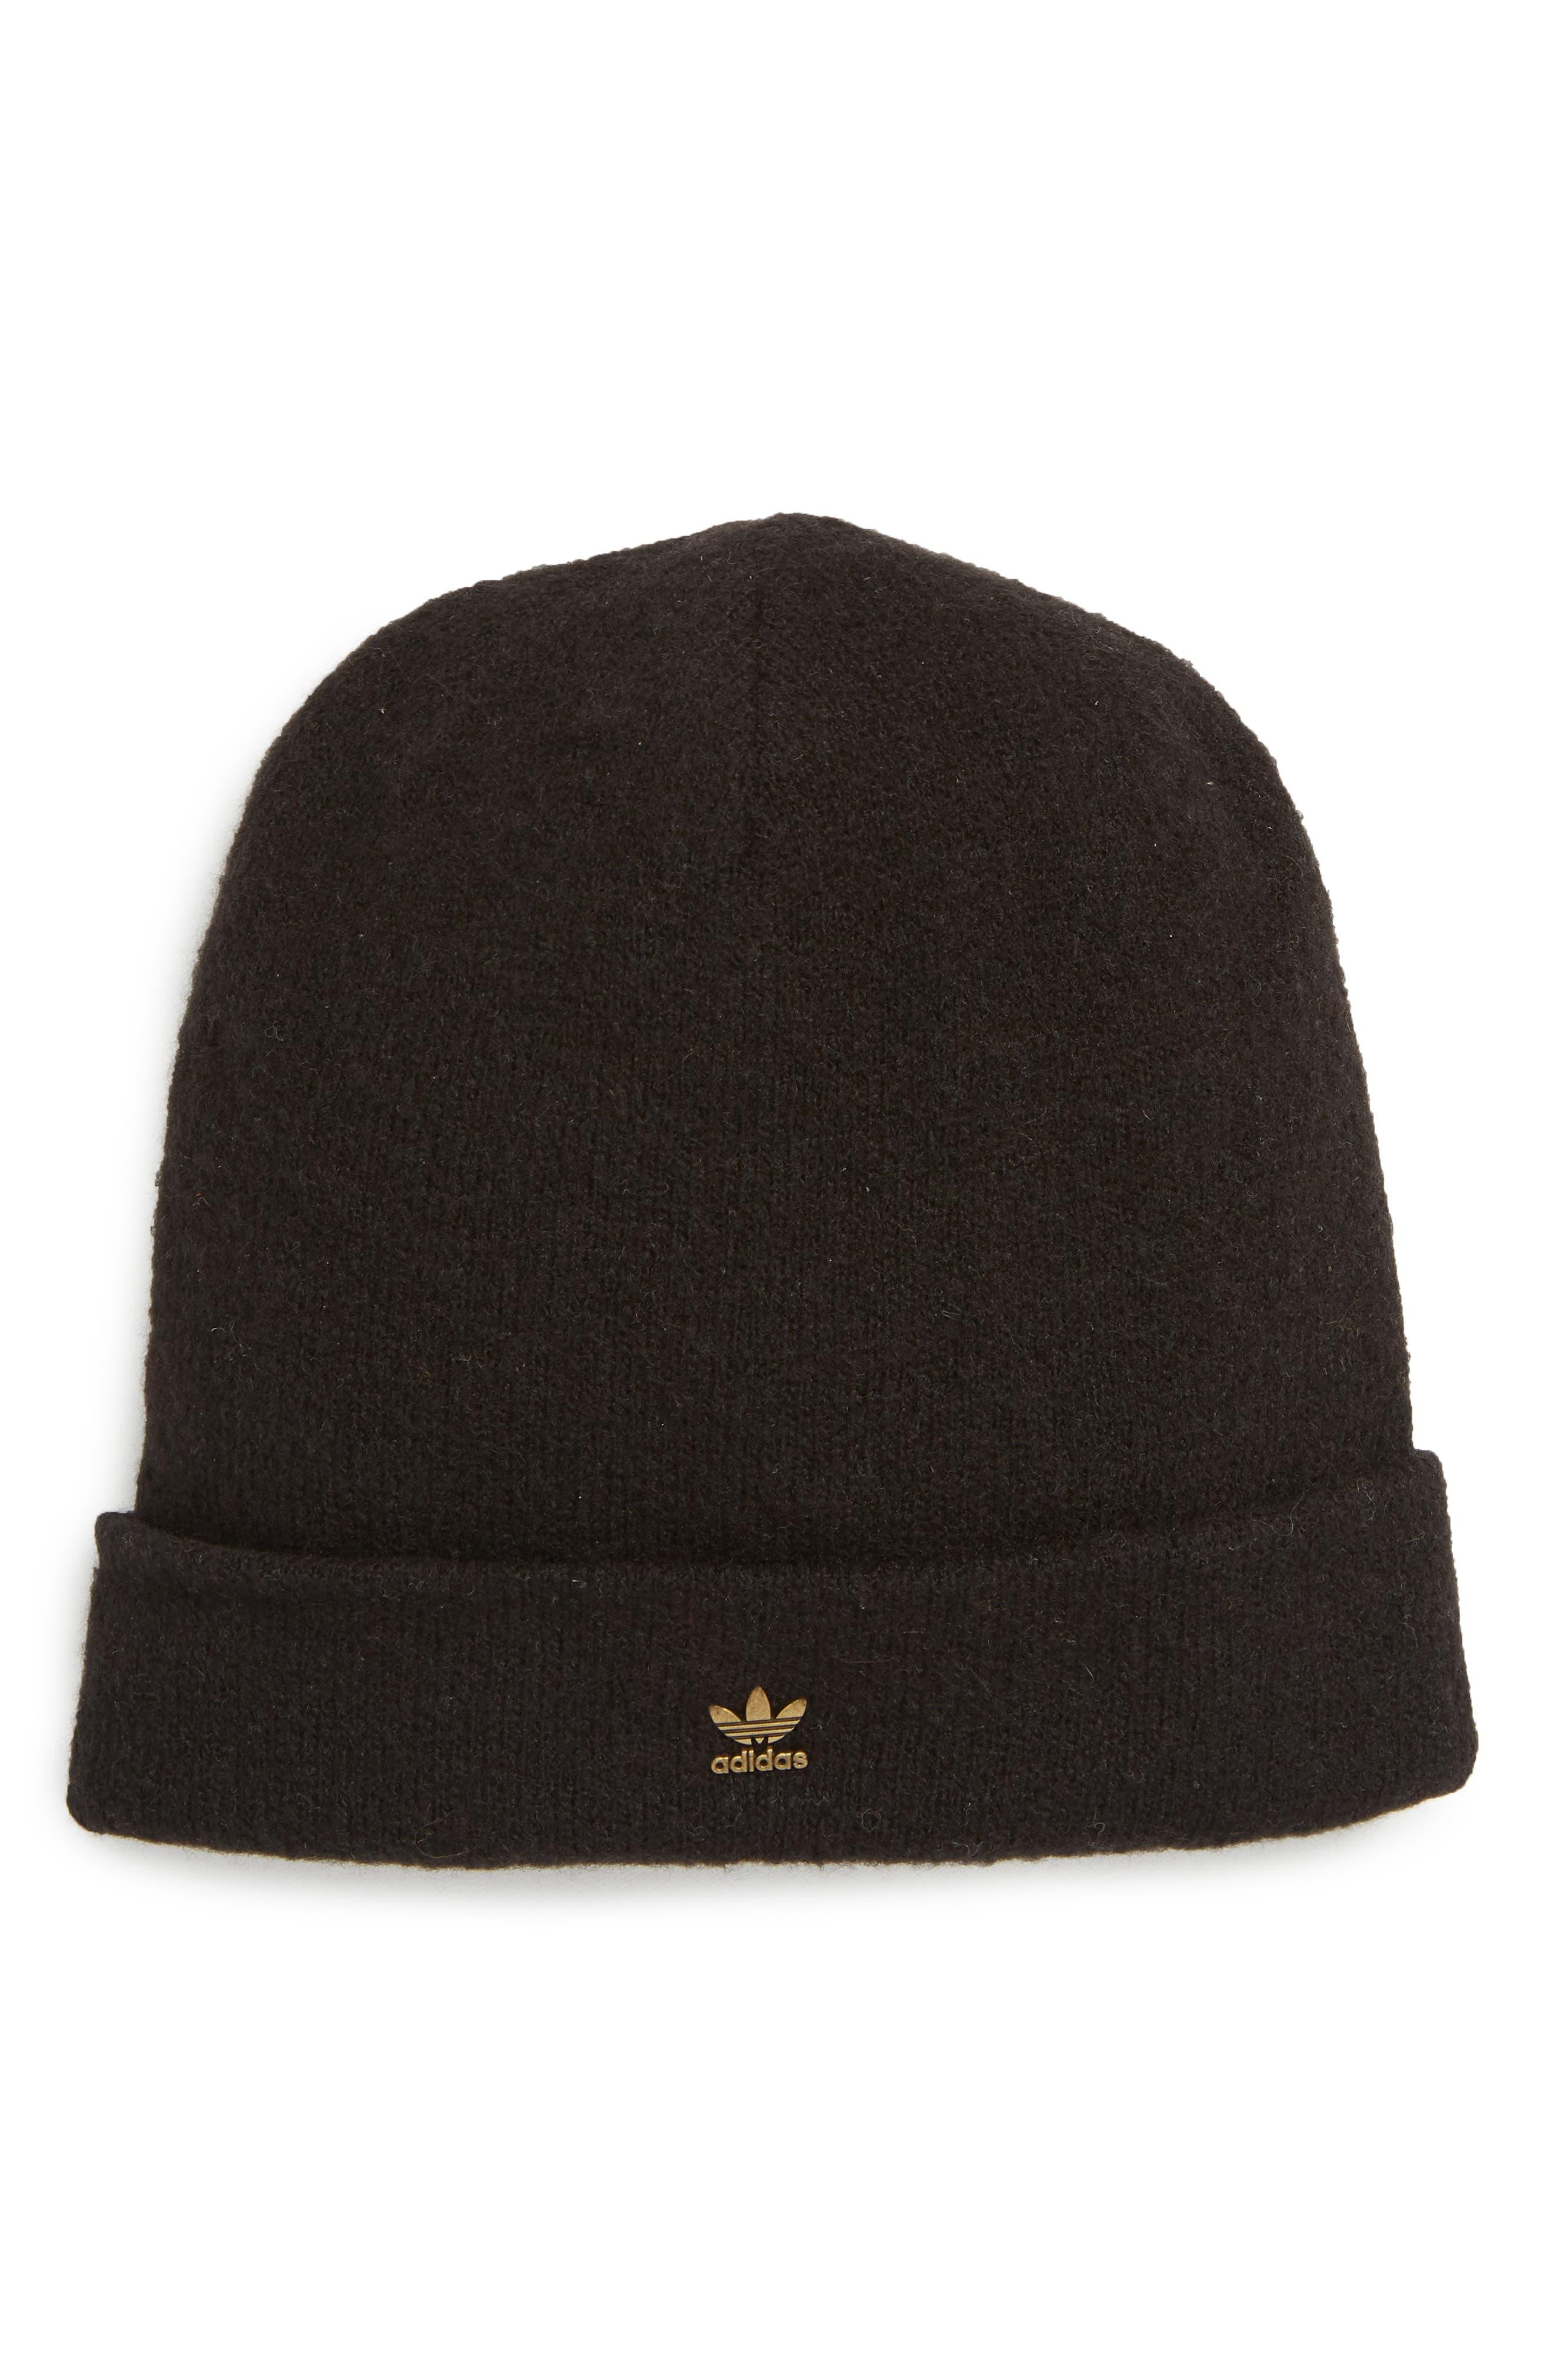 Adidas Originals Fuzzy Beanie Hat - Black